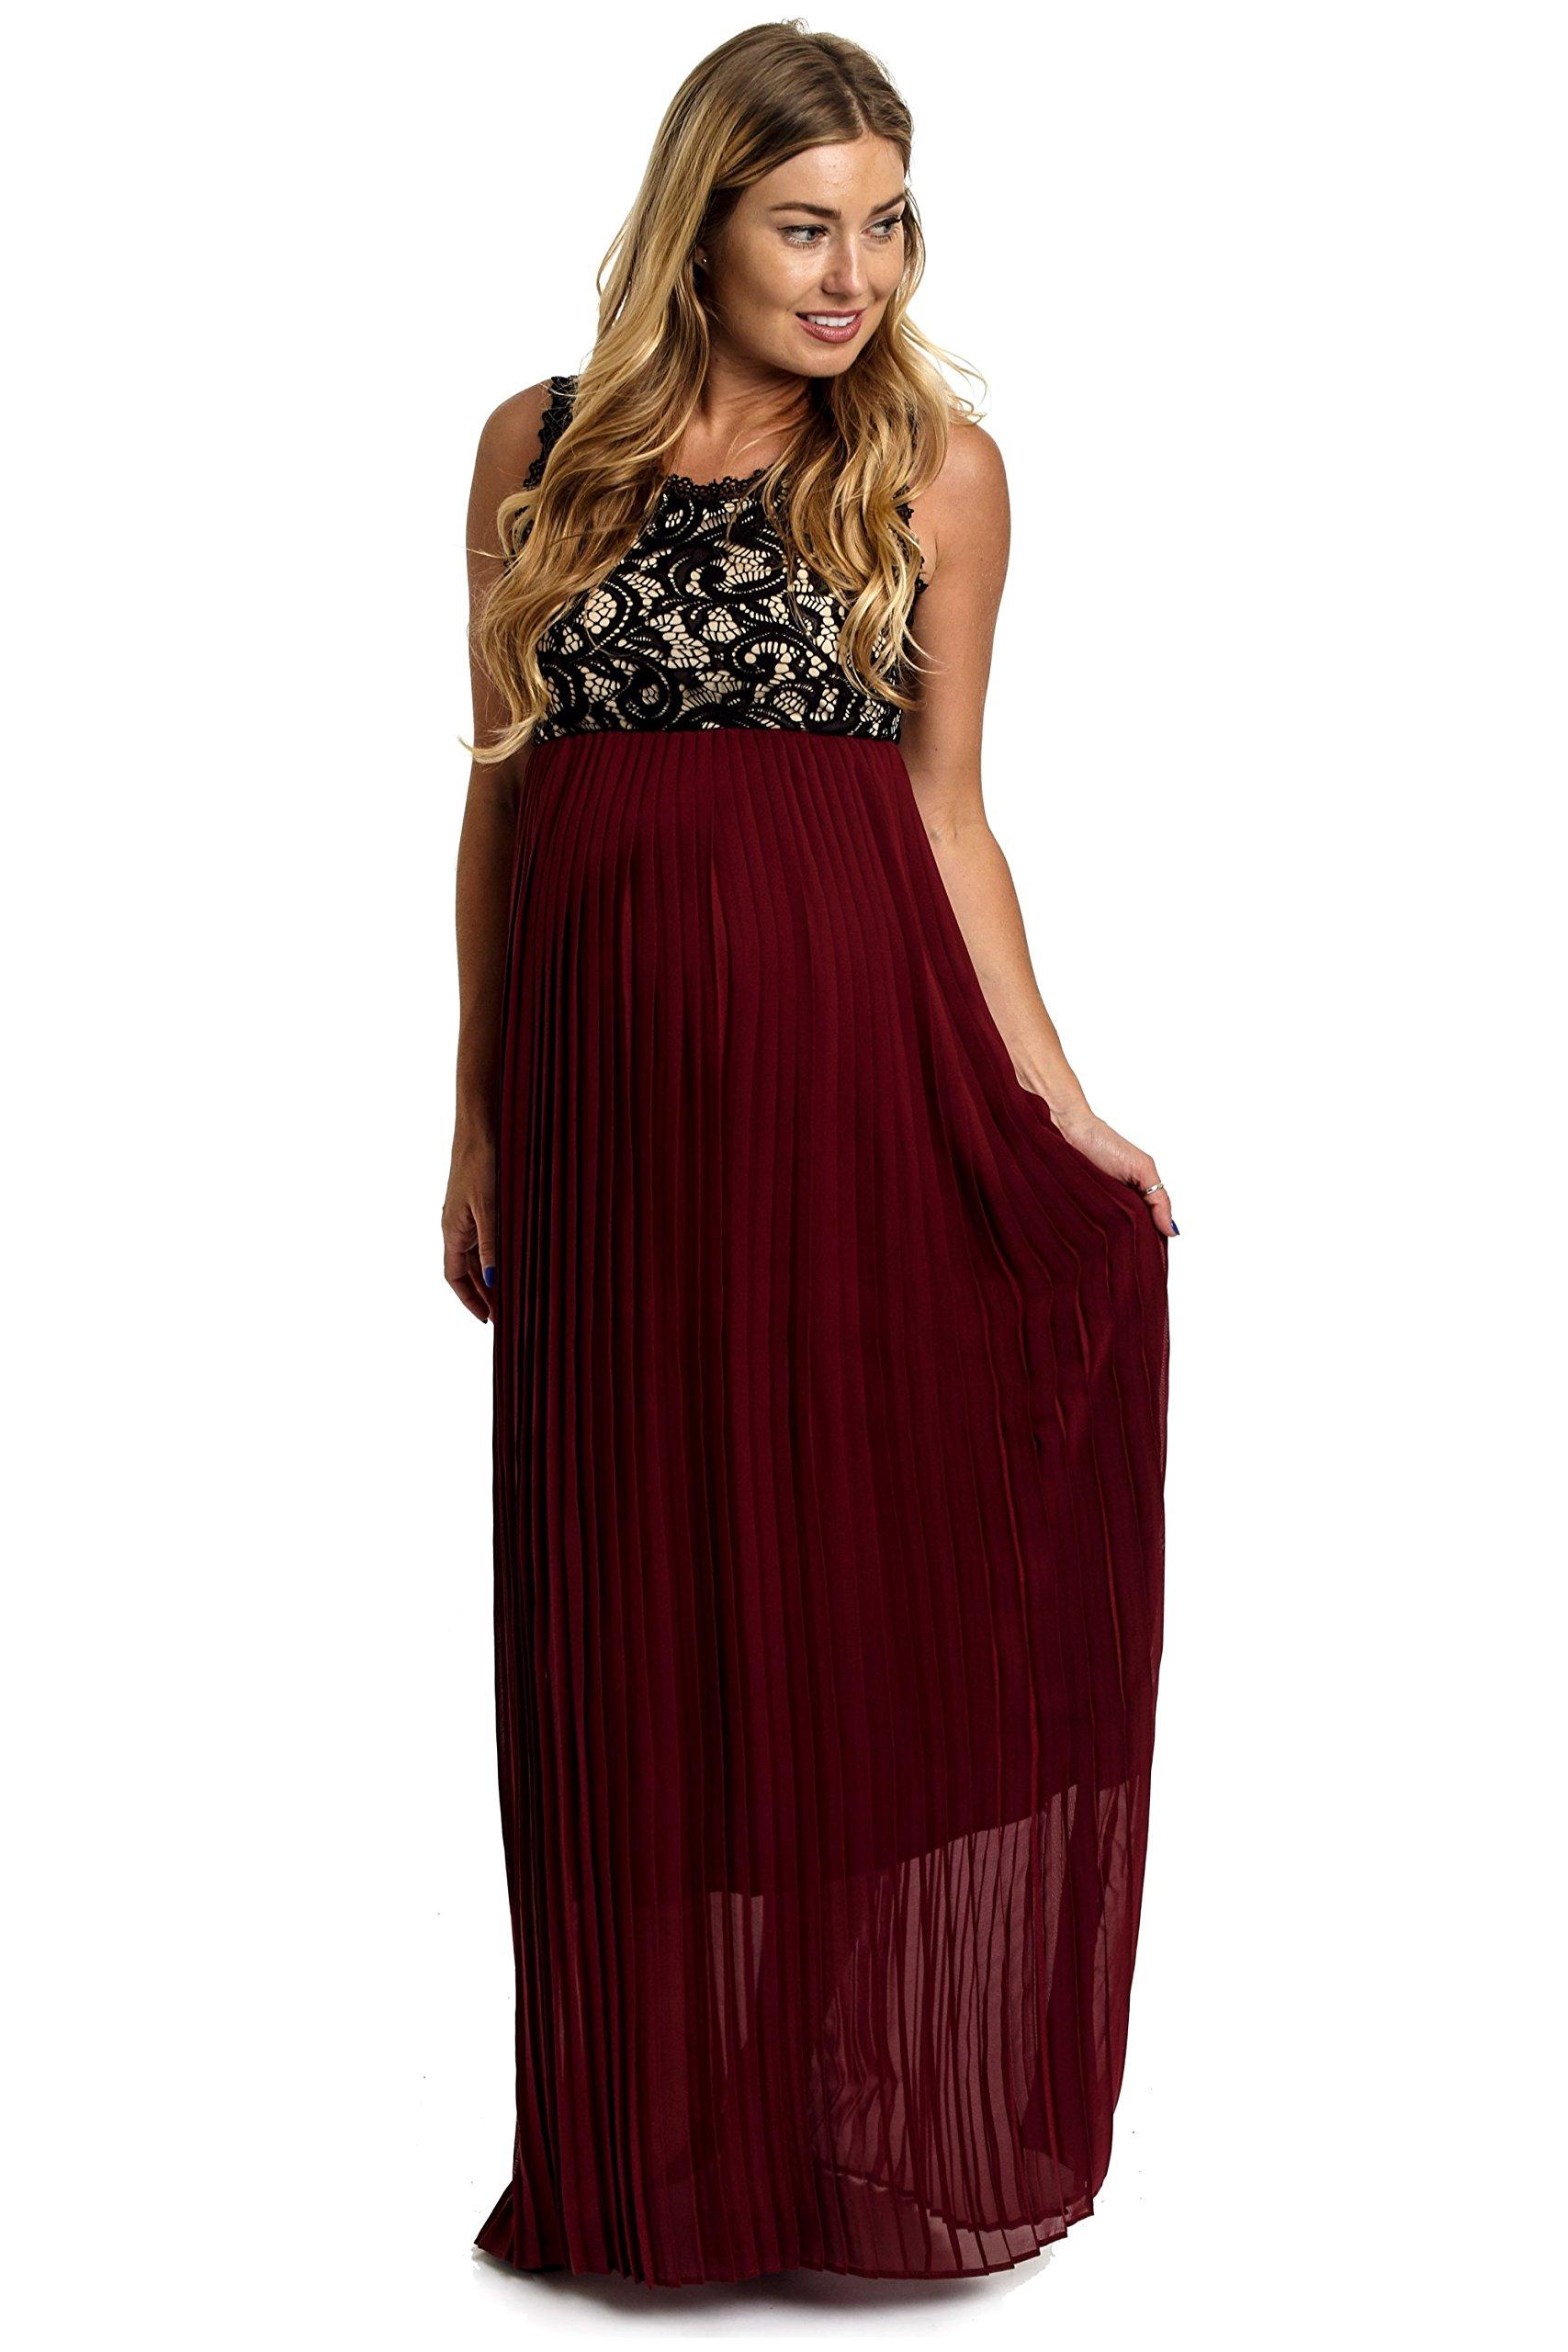 PinkBlush Maternity Burgundy Pleated Chiffon Lace Top Maternity Maxi Dress, SMA